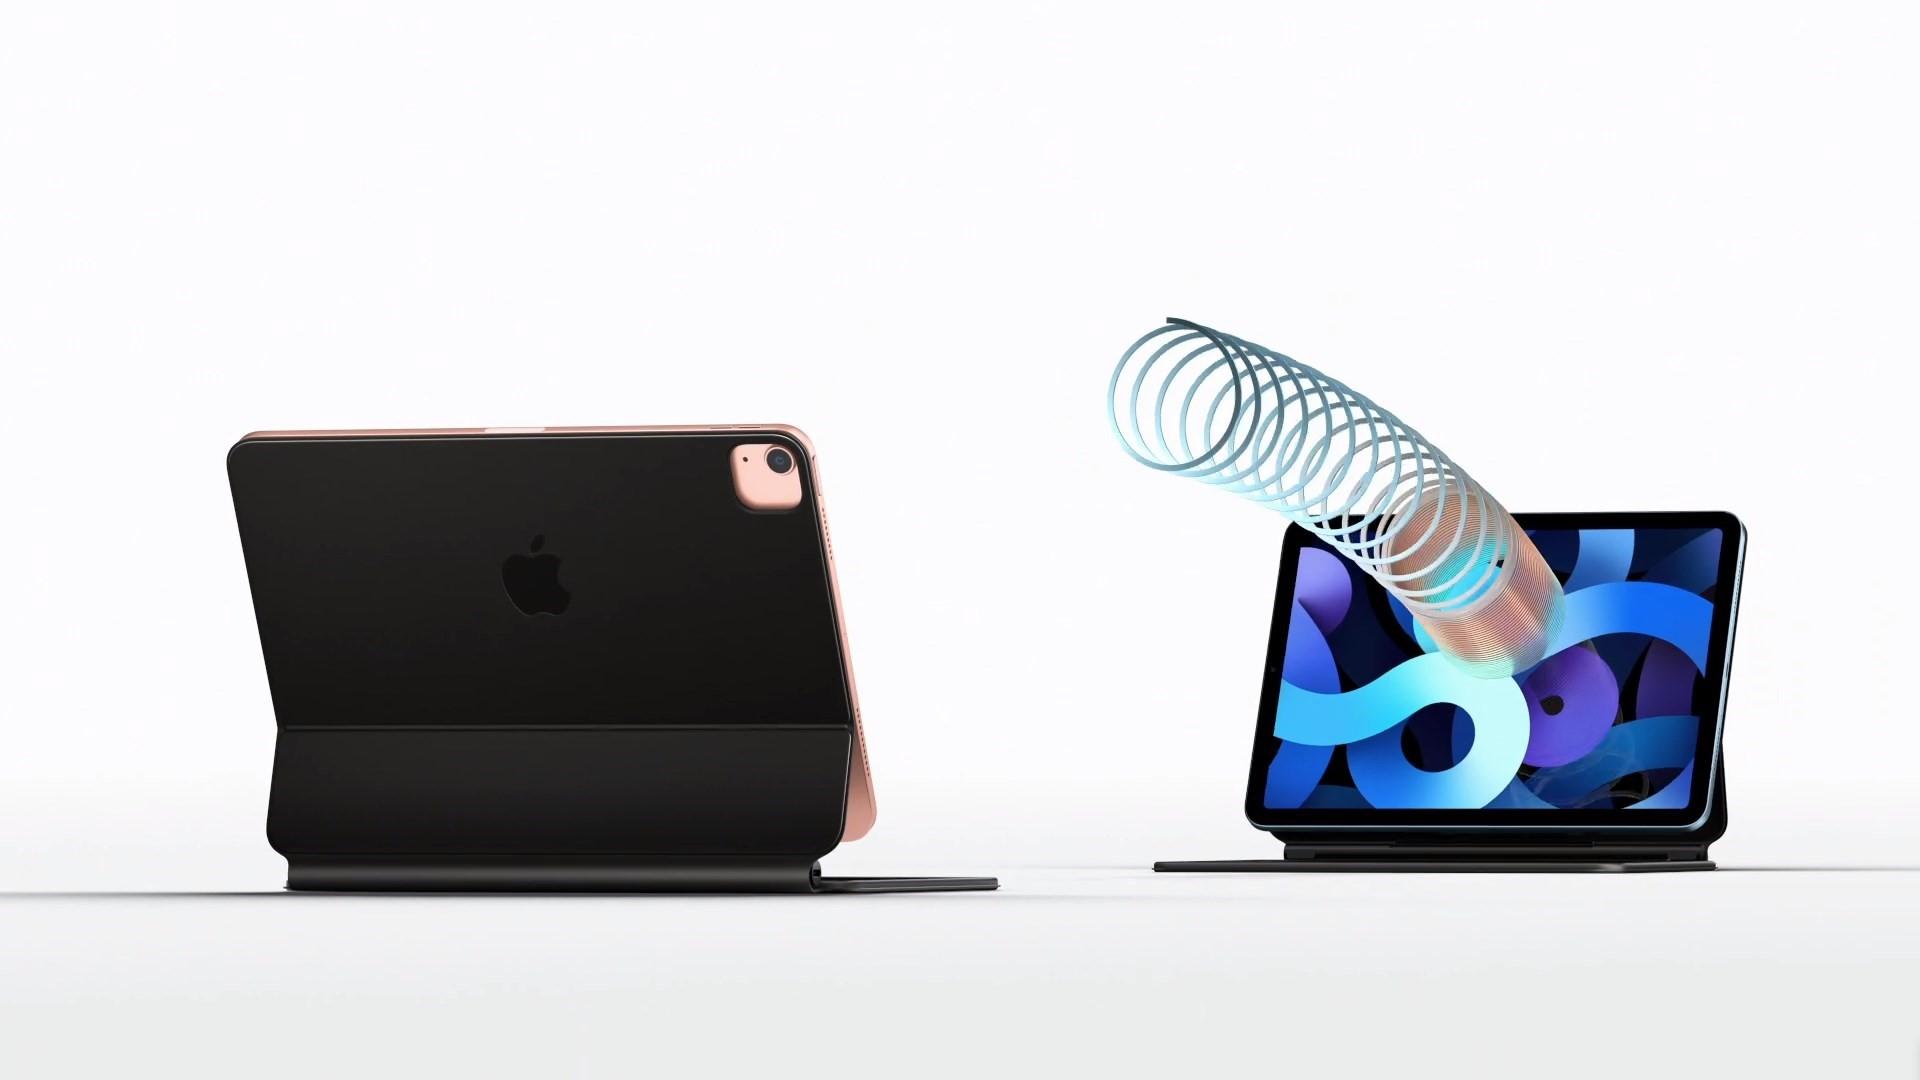 Bemutatkozott a frissített dizájnú iPad Air és a legújabb iPad